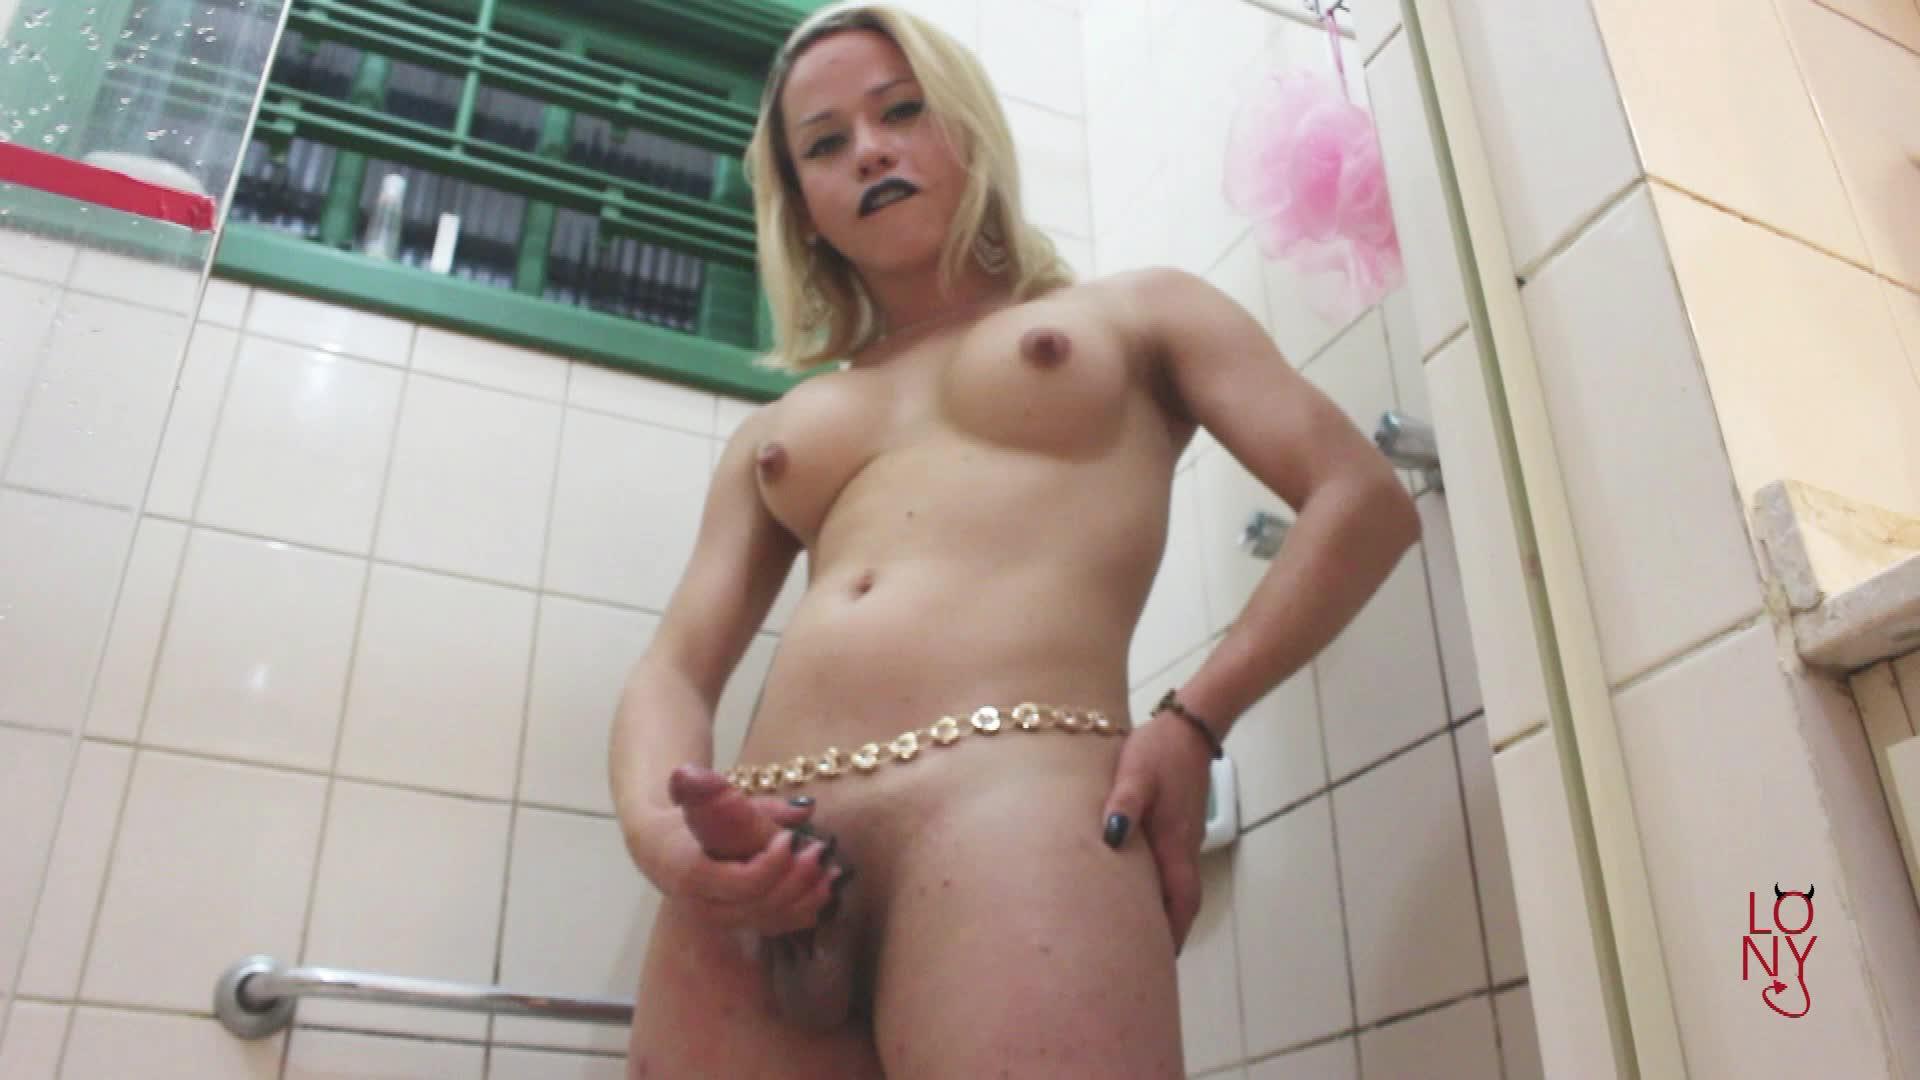 Afgahn women porn